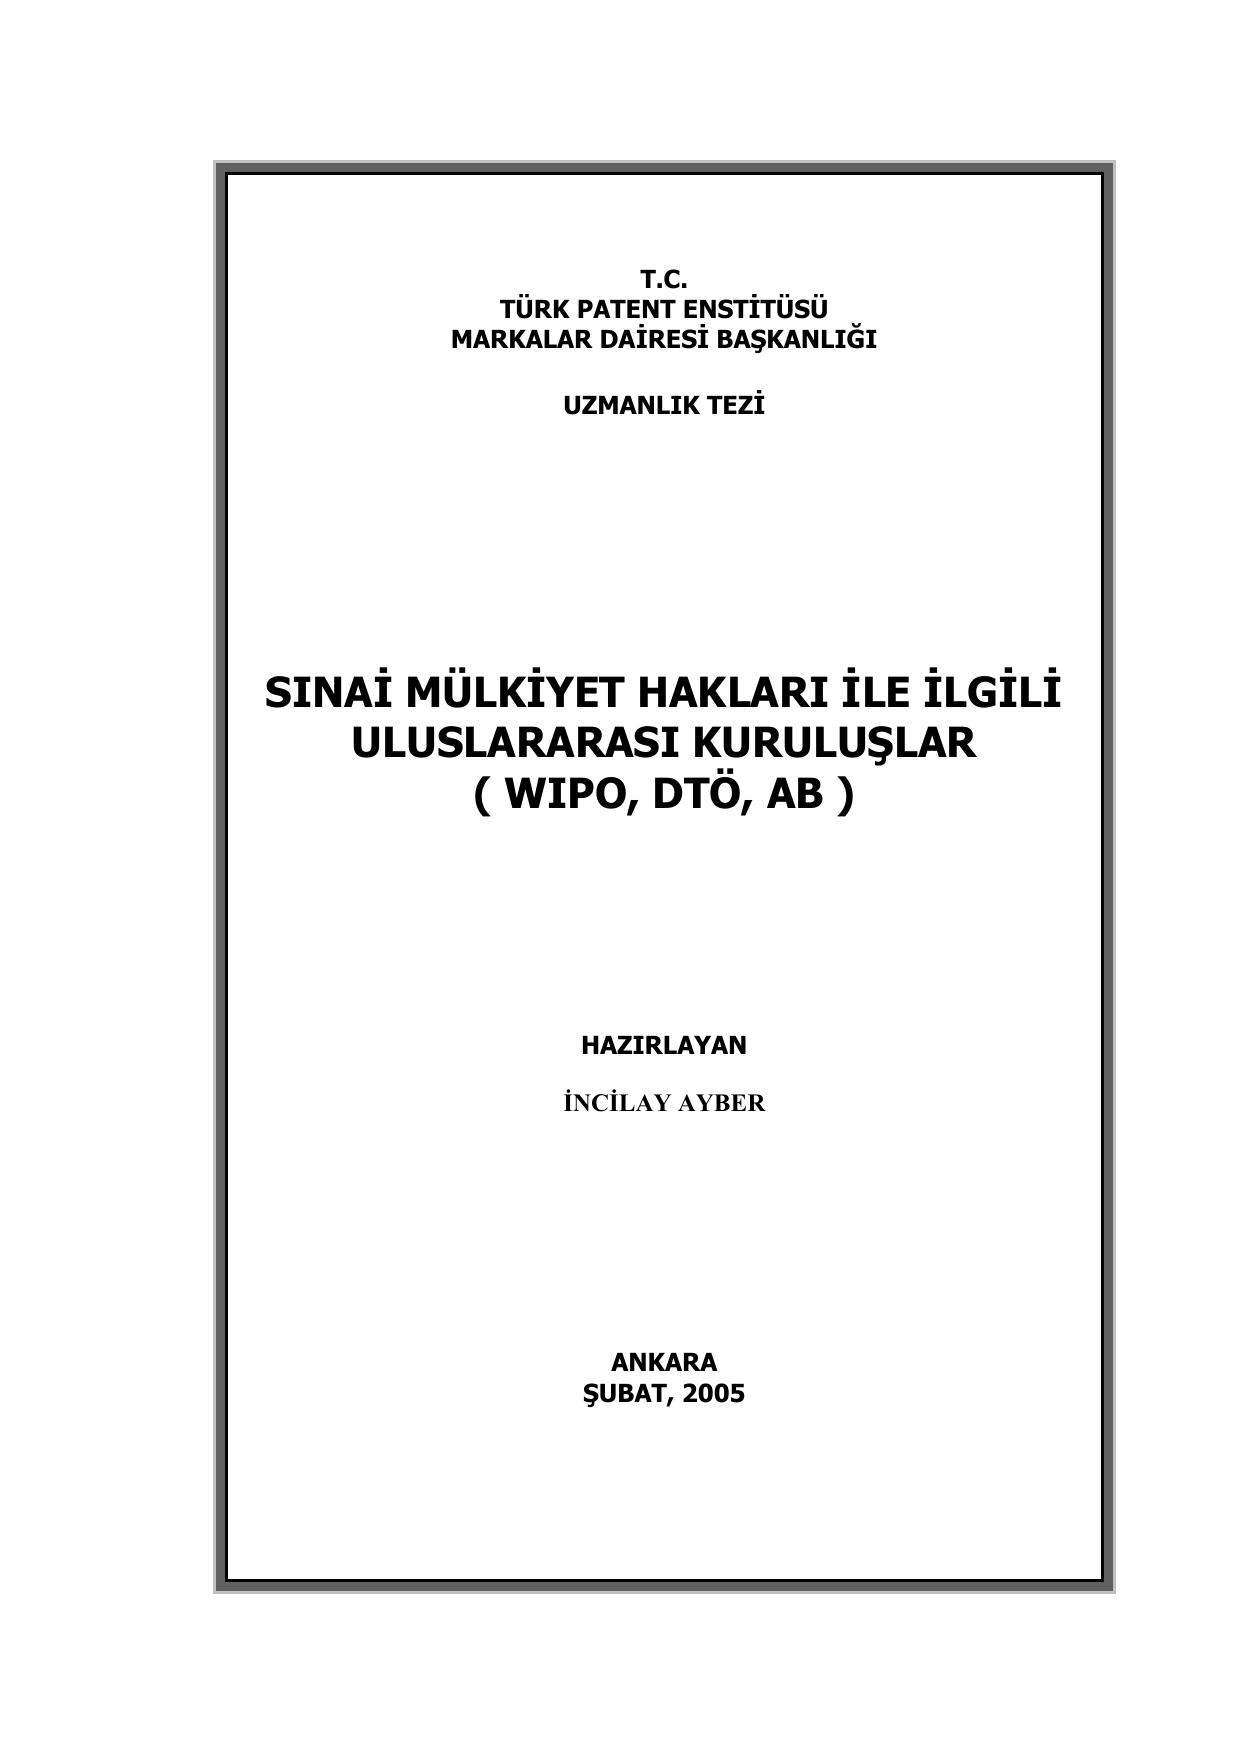 Stavropol Tıp Akademisi: kabul komitesi, fakülteler, bölümler 85